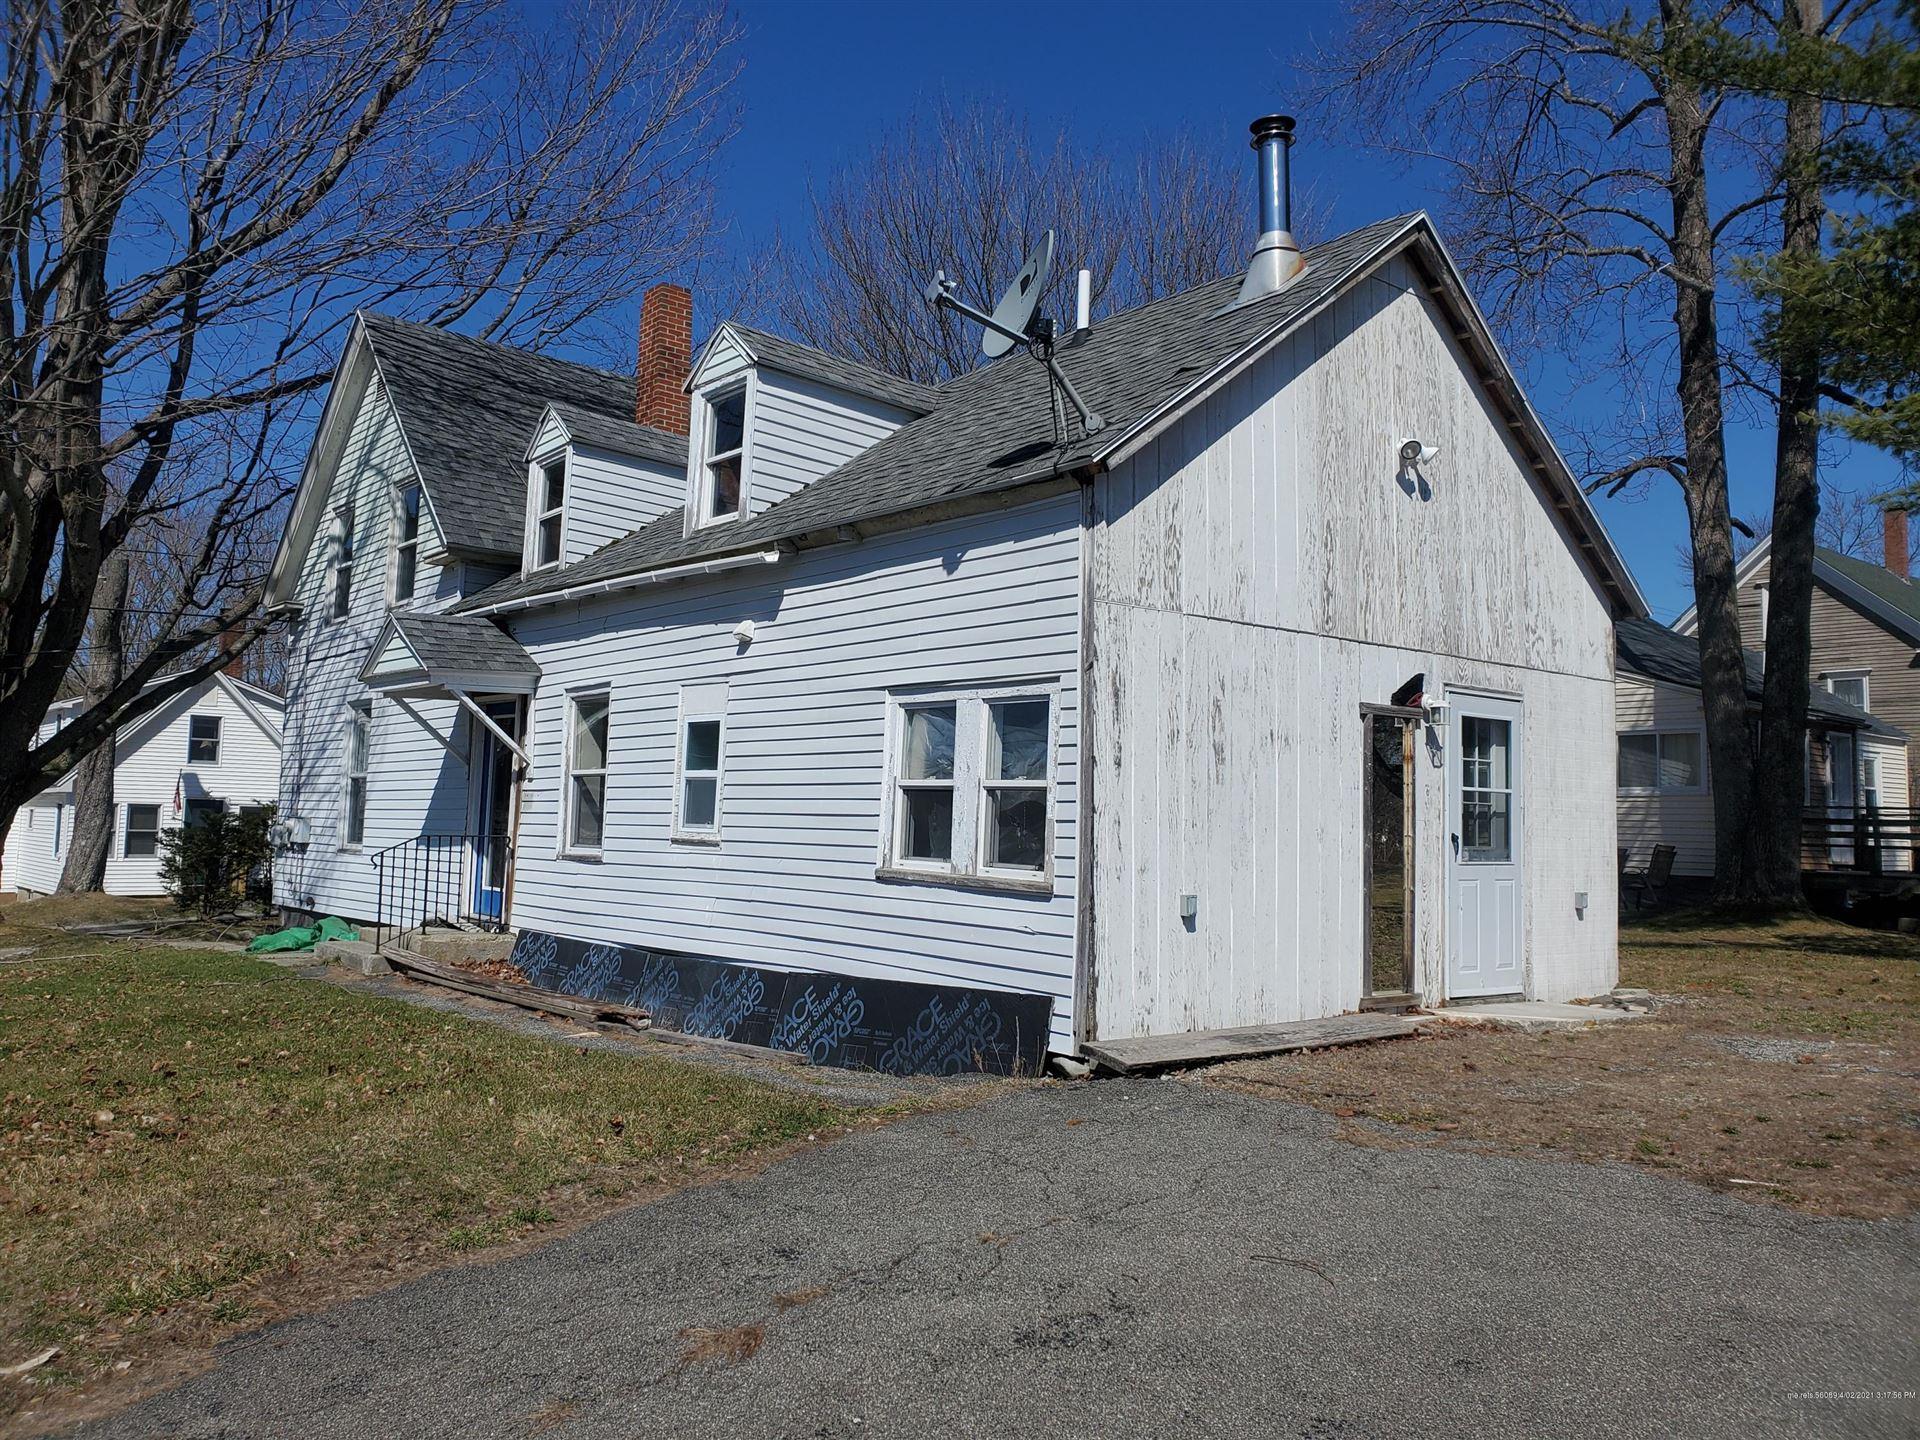 Photo of 40 Royal Street, Winthrop, ME 04364 (MLS # 1486359)